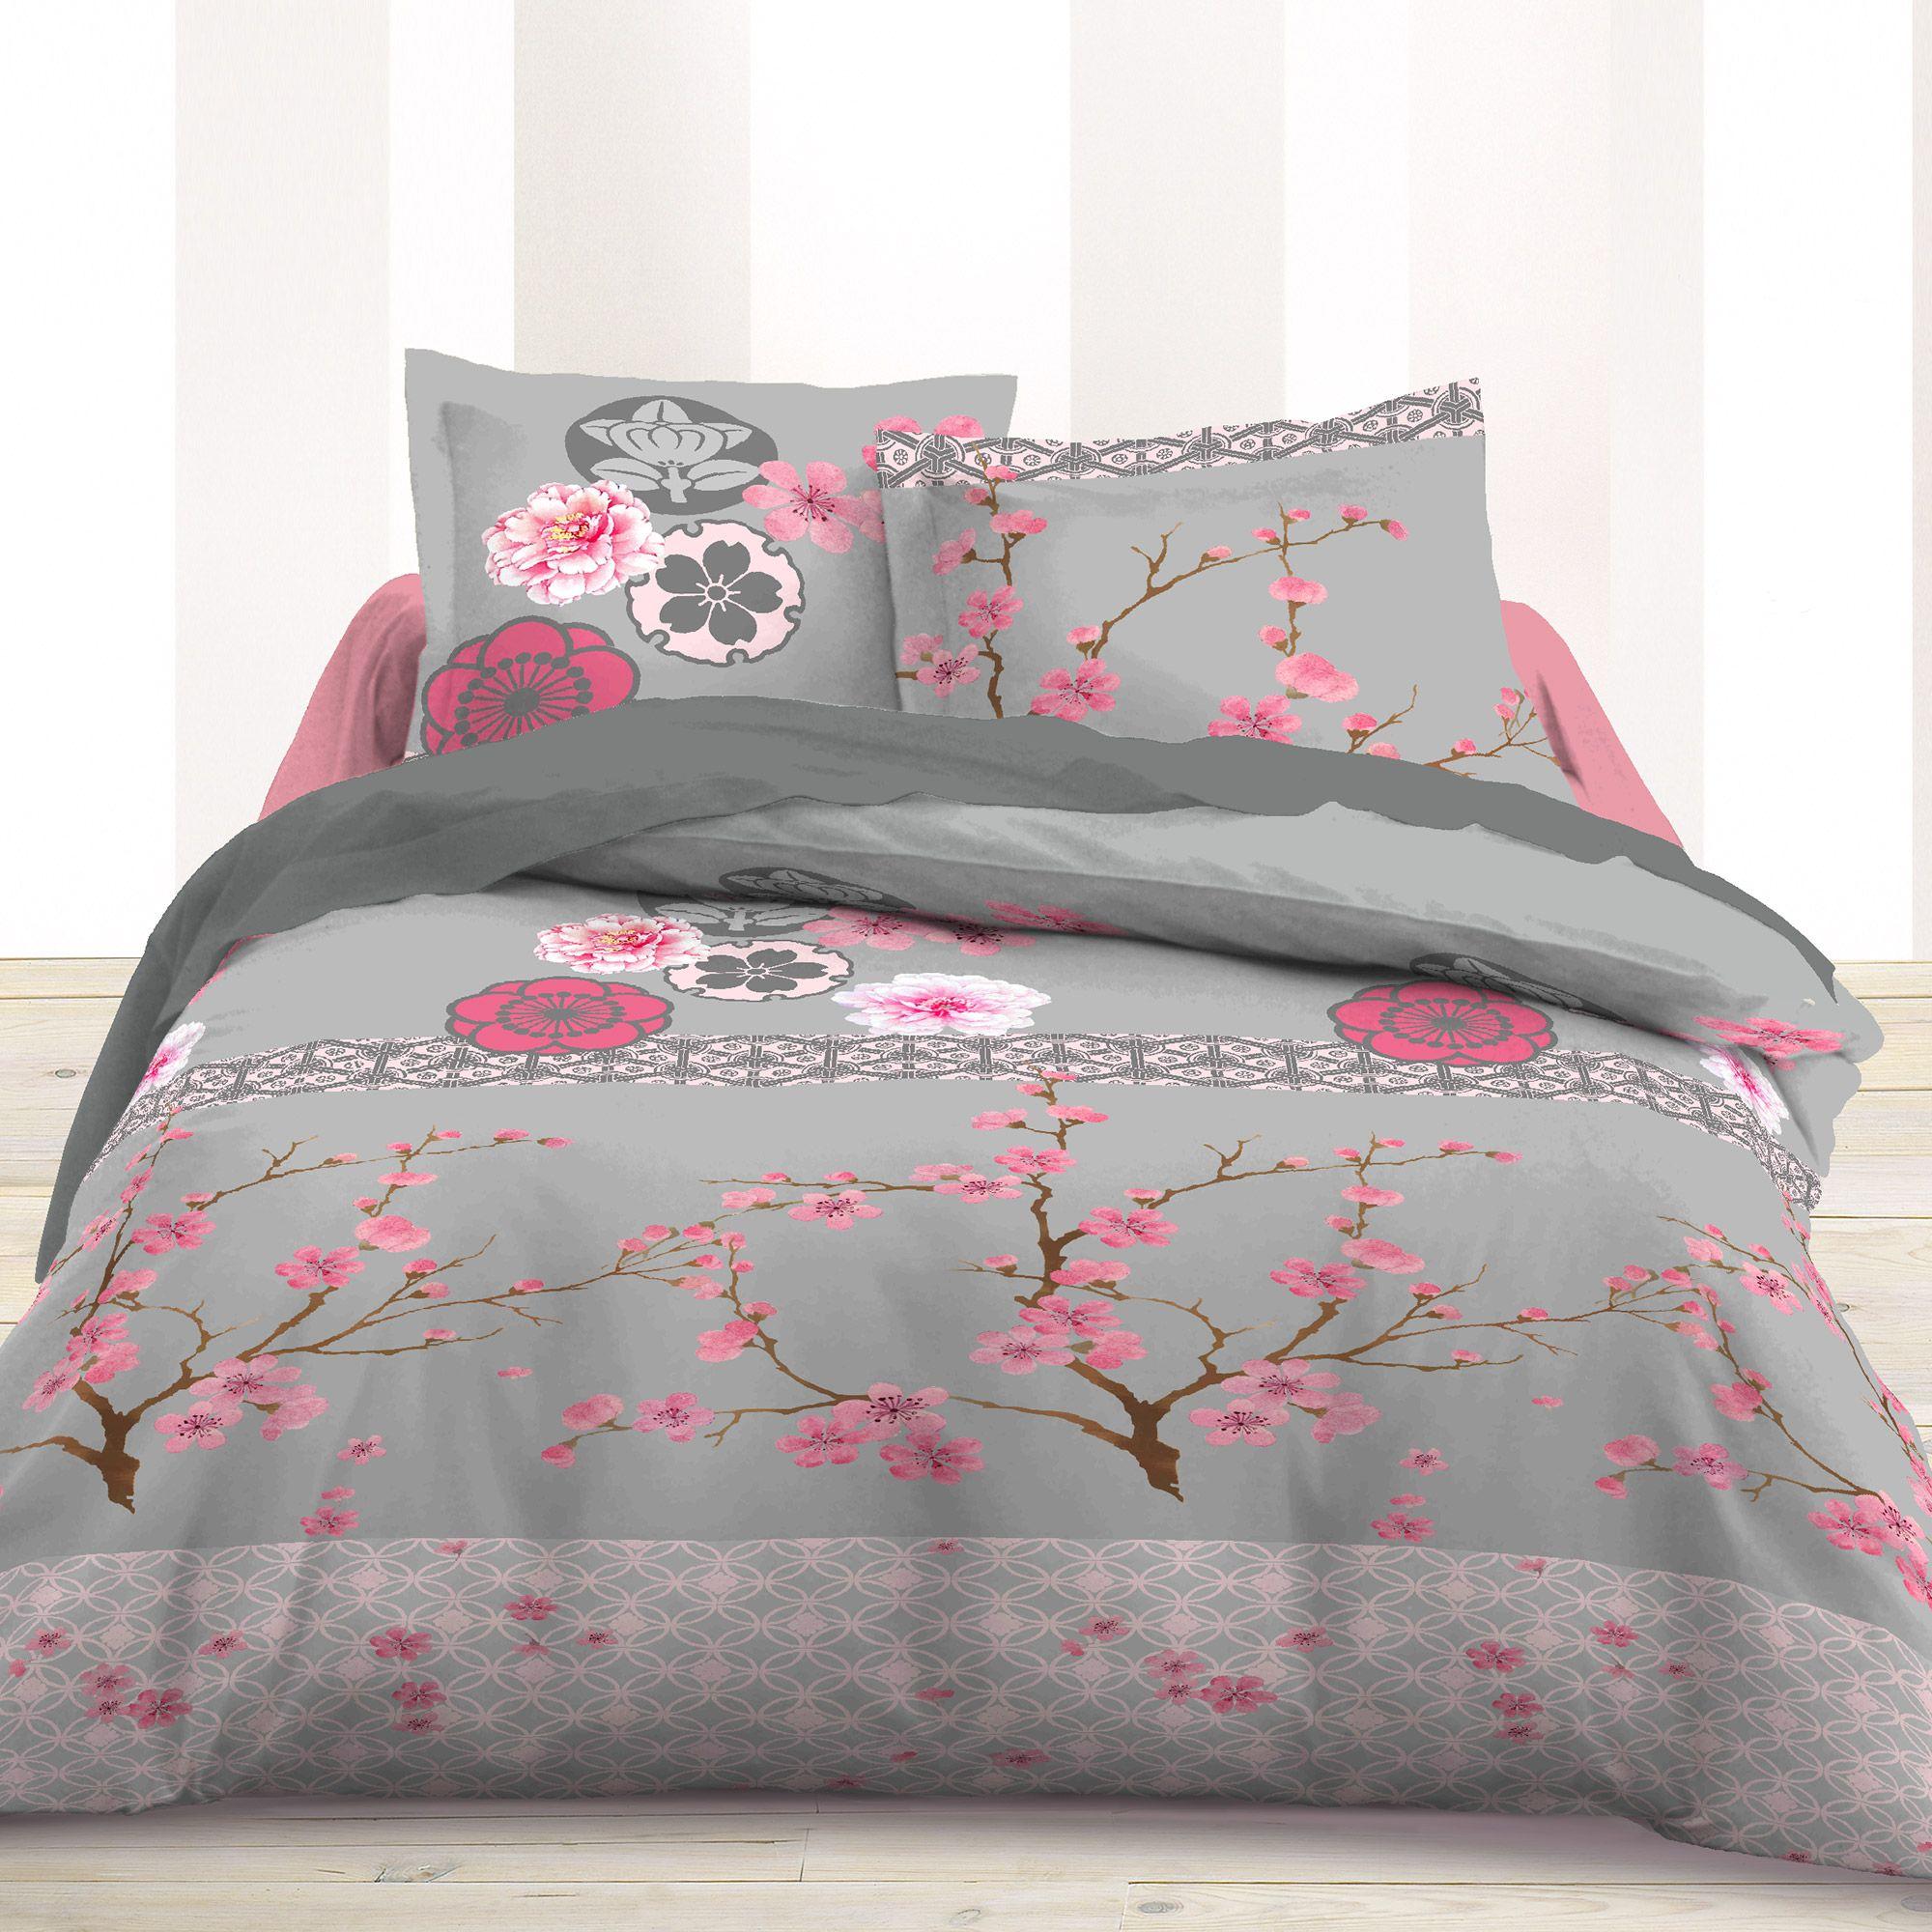 Parure de couette sakura avec fleurs de cerisier fleurs - Housses de couette la redoute ...